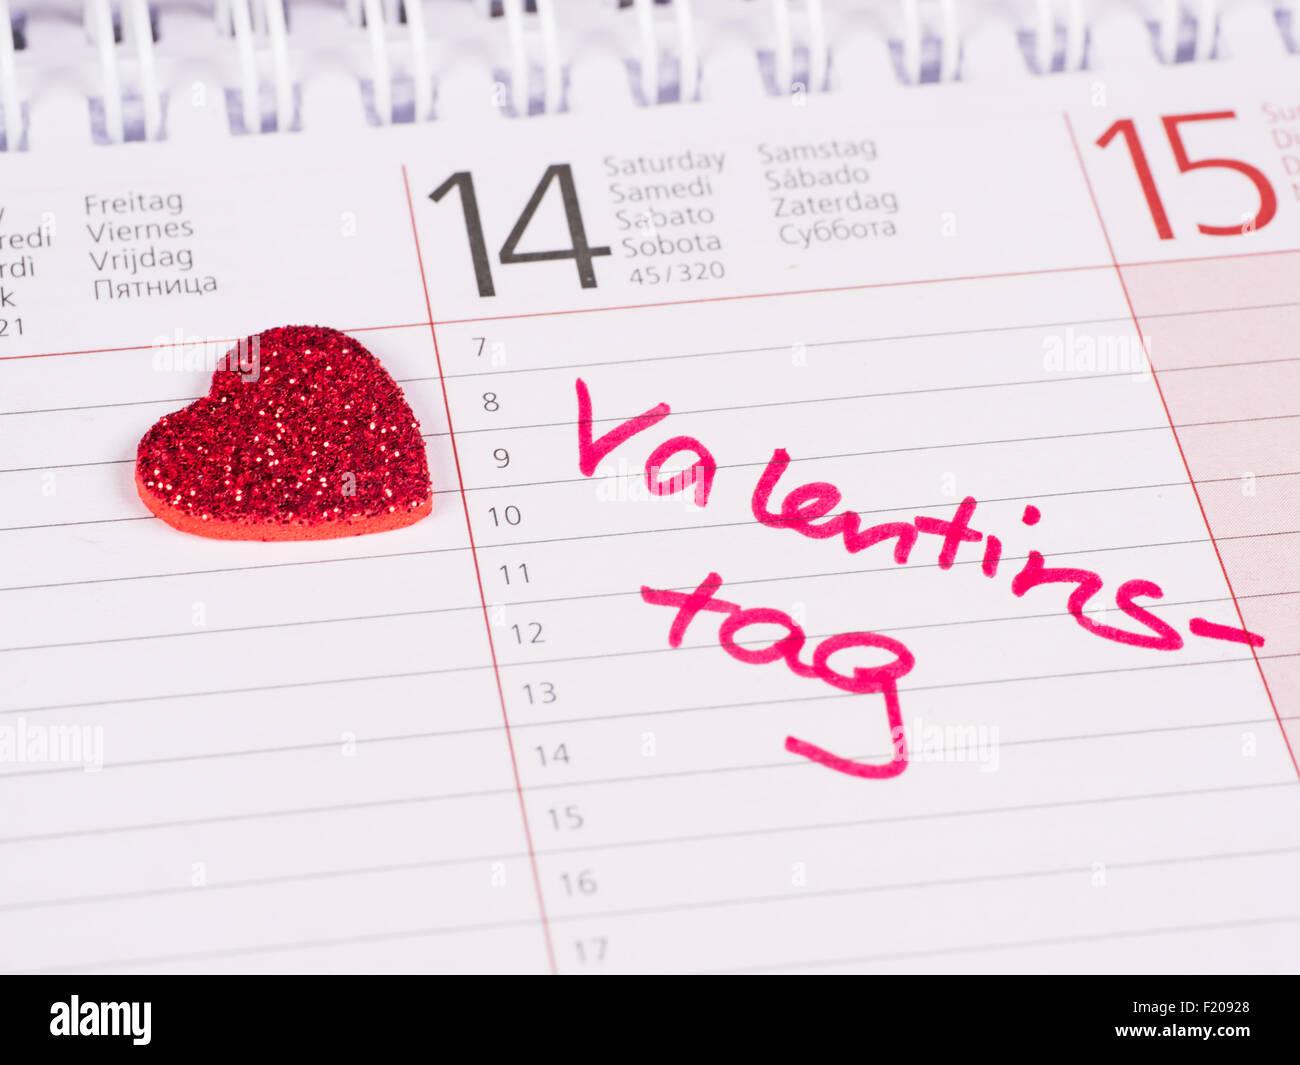 Kalendereintrag Valentinstag Stockbild